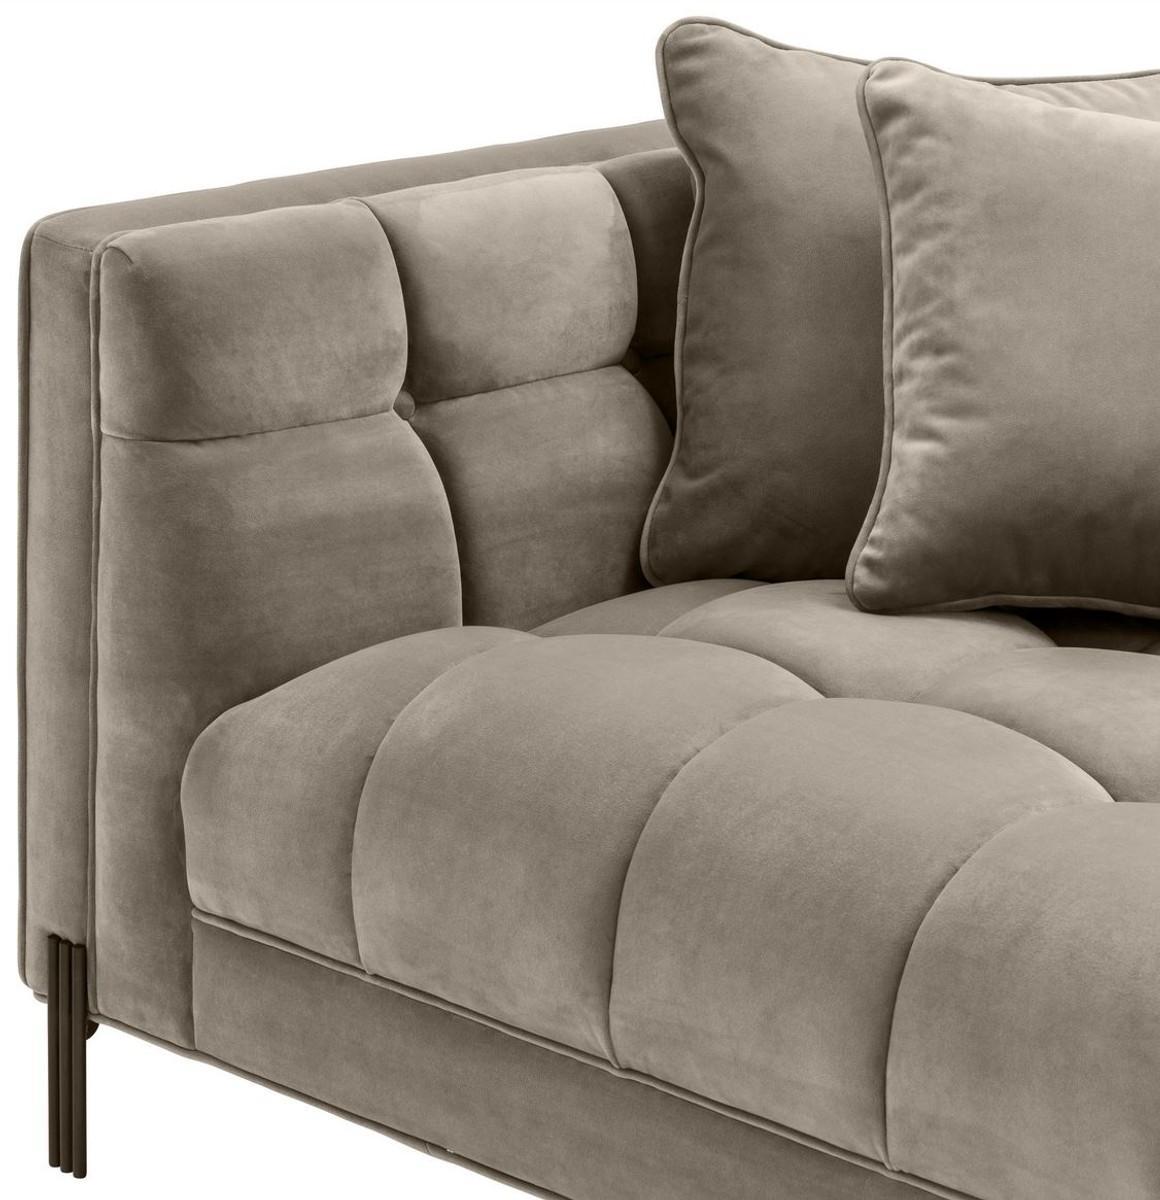 Full Size of Sofa Samt Weiches Led Mit Relaxfunktion Elektrisch Grau Leder Halbrundes Kunstleder Hussen Baxter Modulares De Sede Barock Weiß Sofa Sofa Samt